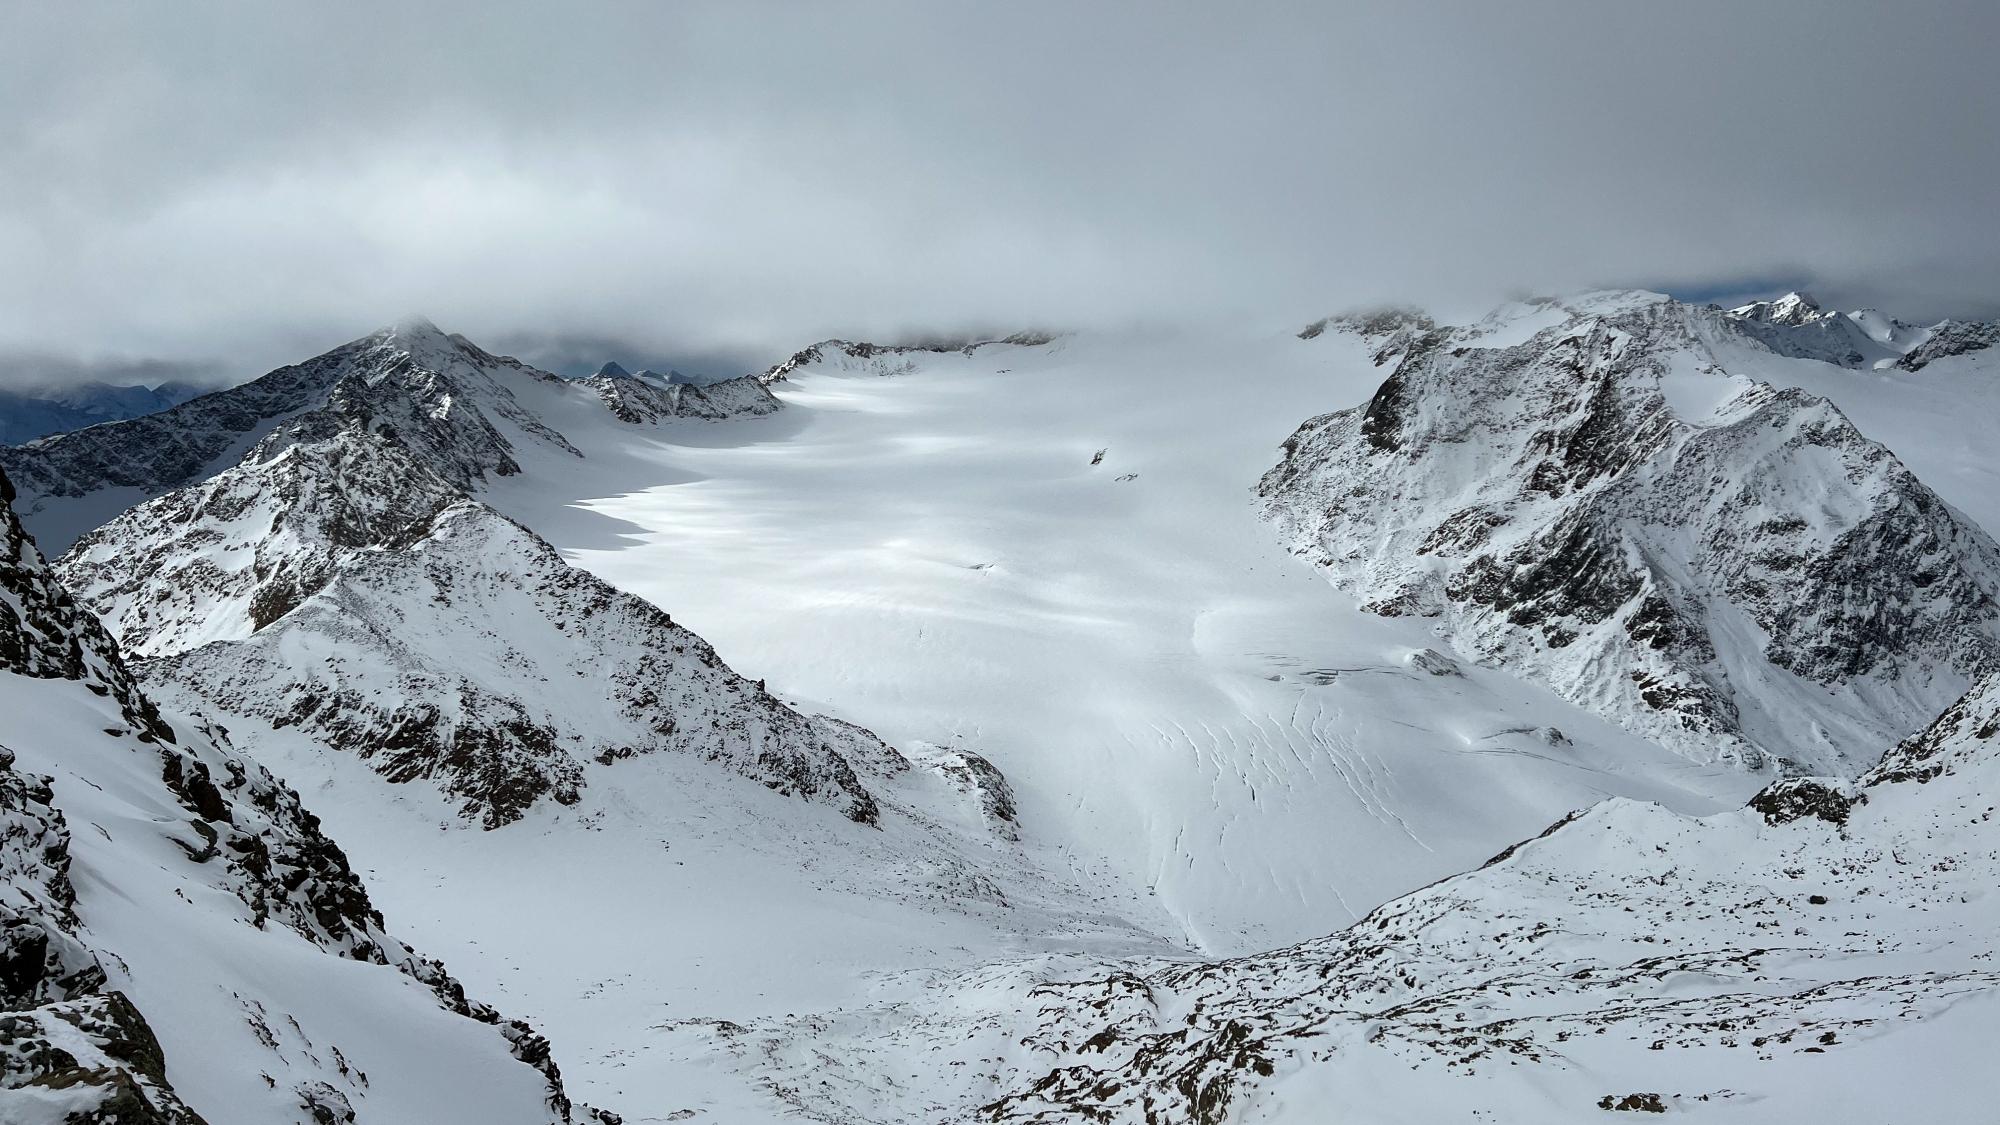 Spektakulärer Ausblick vom BIG3 Panorama-Felssteg Tiefenbachkogl auf Mittelbergferner und Wildspitze